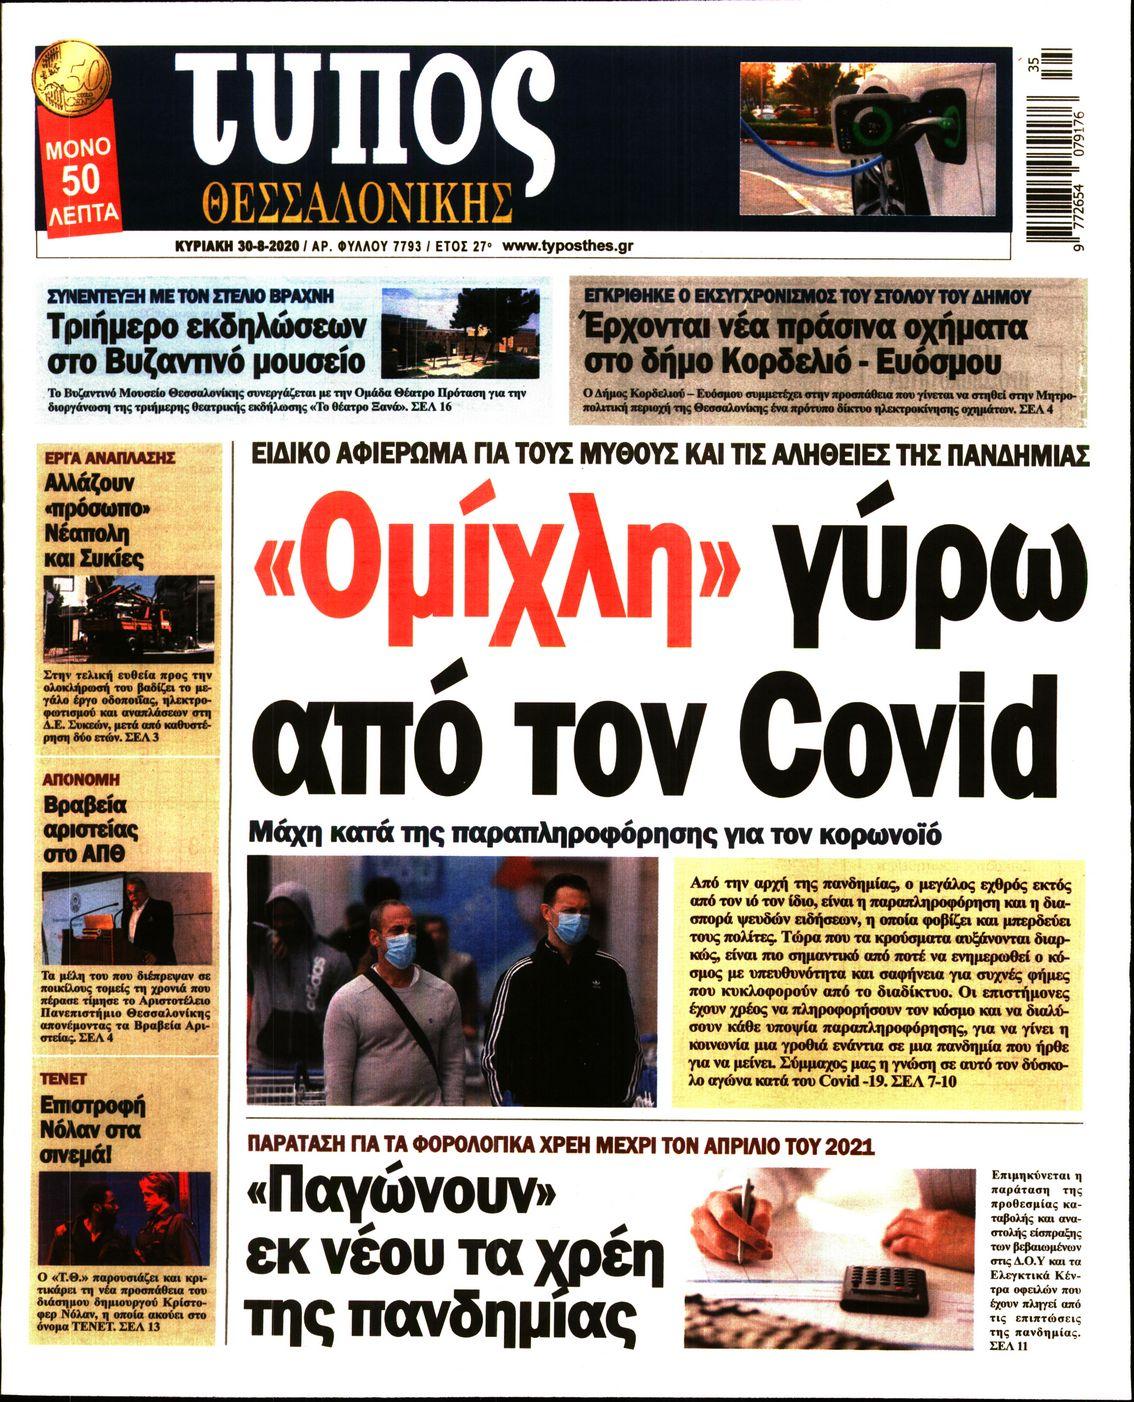 https://www.newsbeast.gr/files/1/newspapers/2020/08/30/27371800_375.jpg